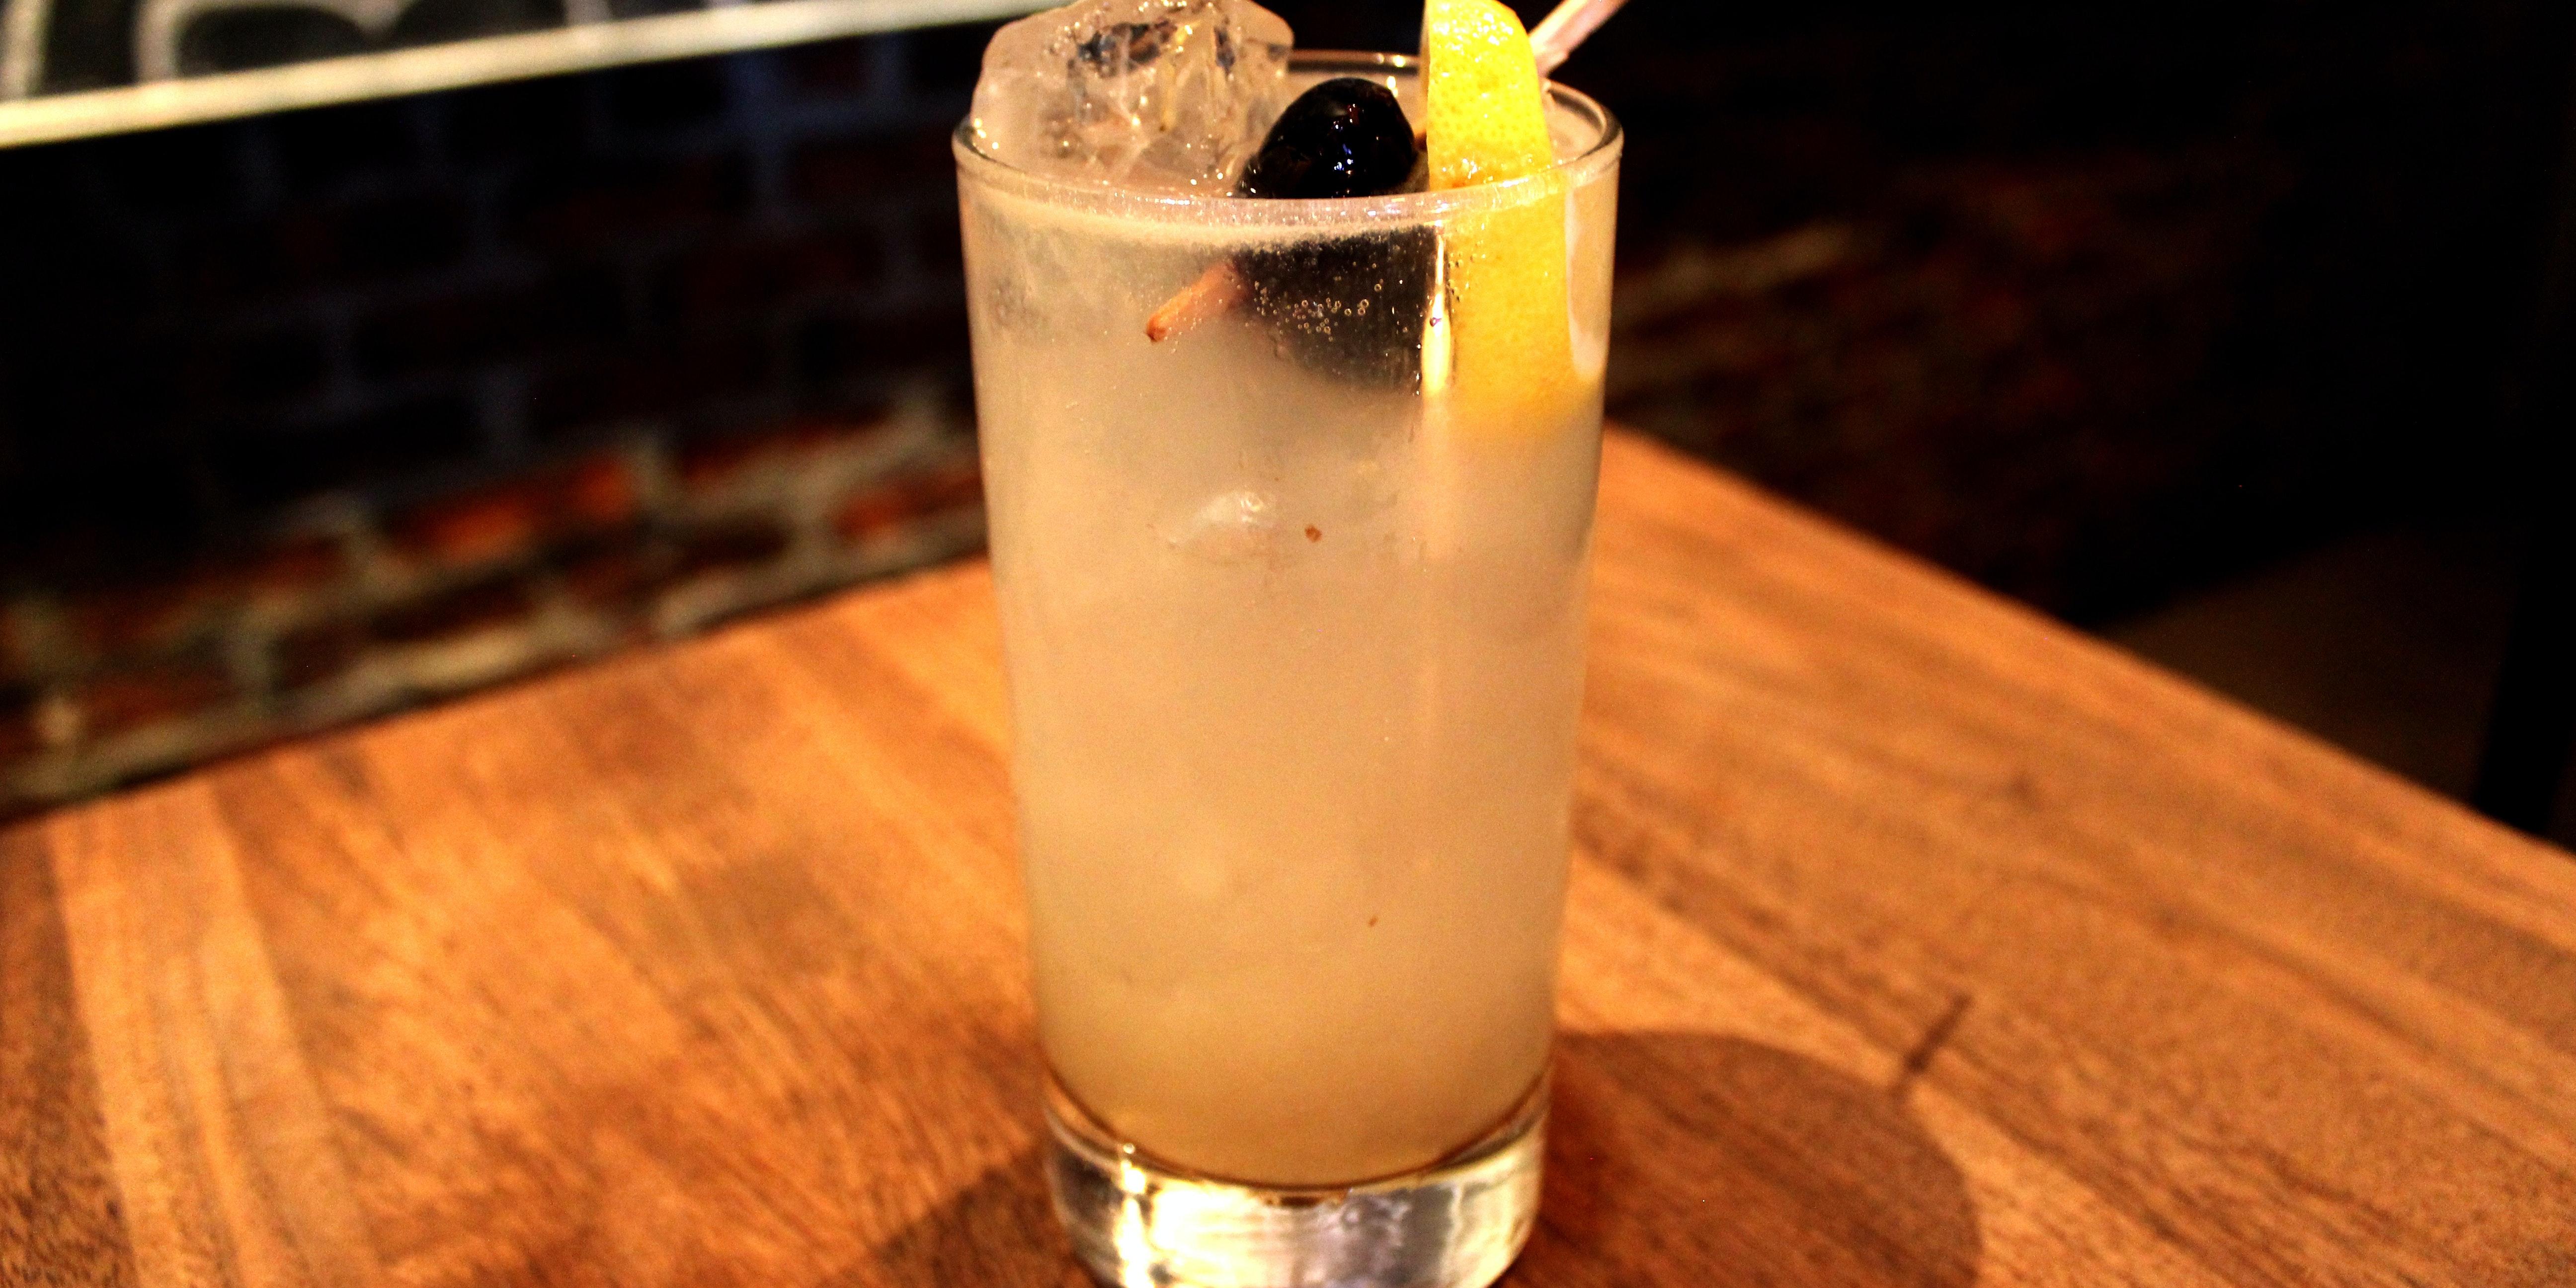 El alcohol cambia la forma en que su cerebro almacena los recuerdos, revela el estudio de la mosca de la fruta